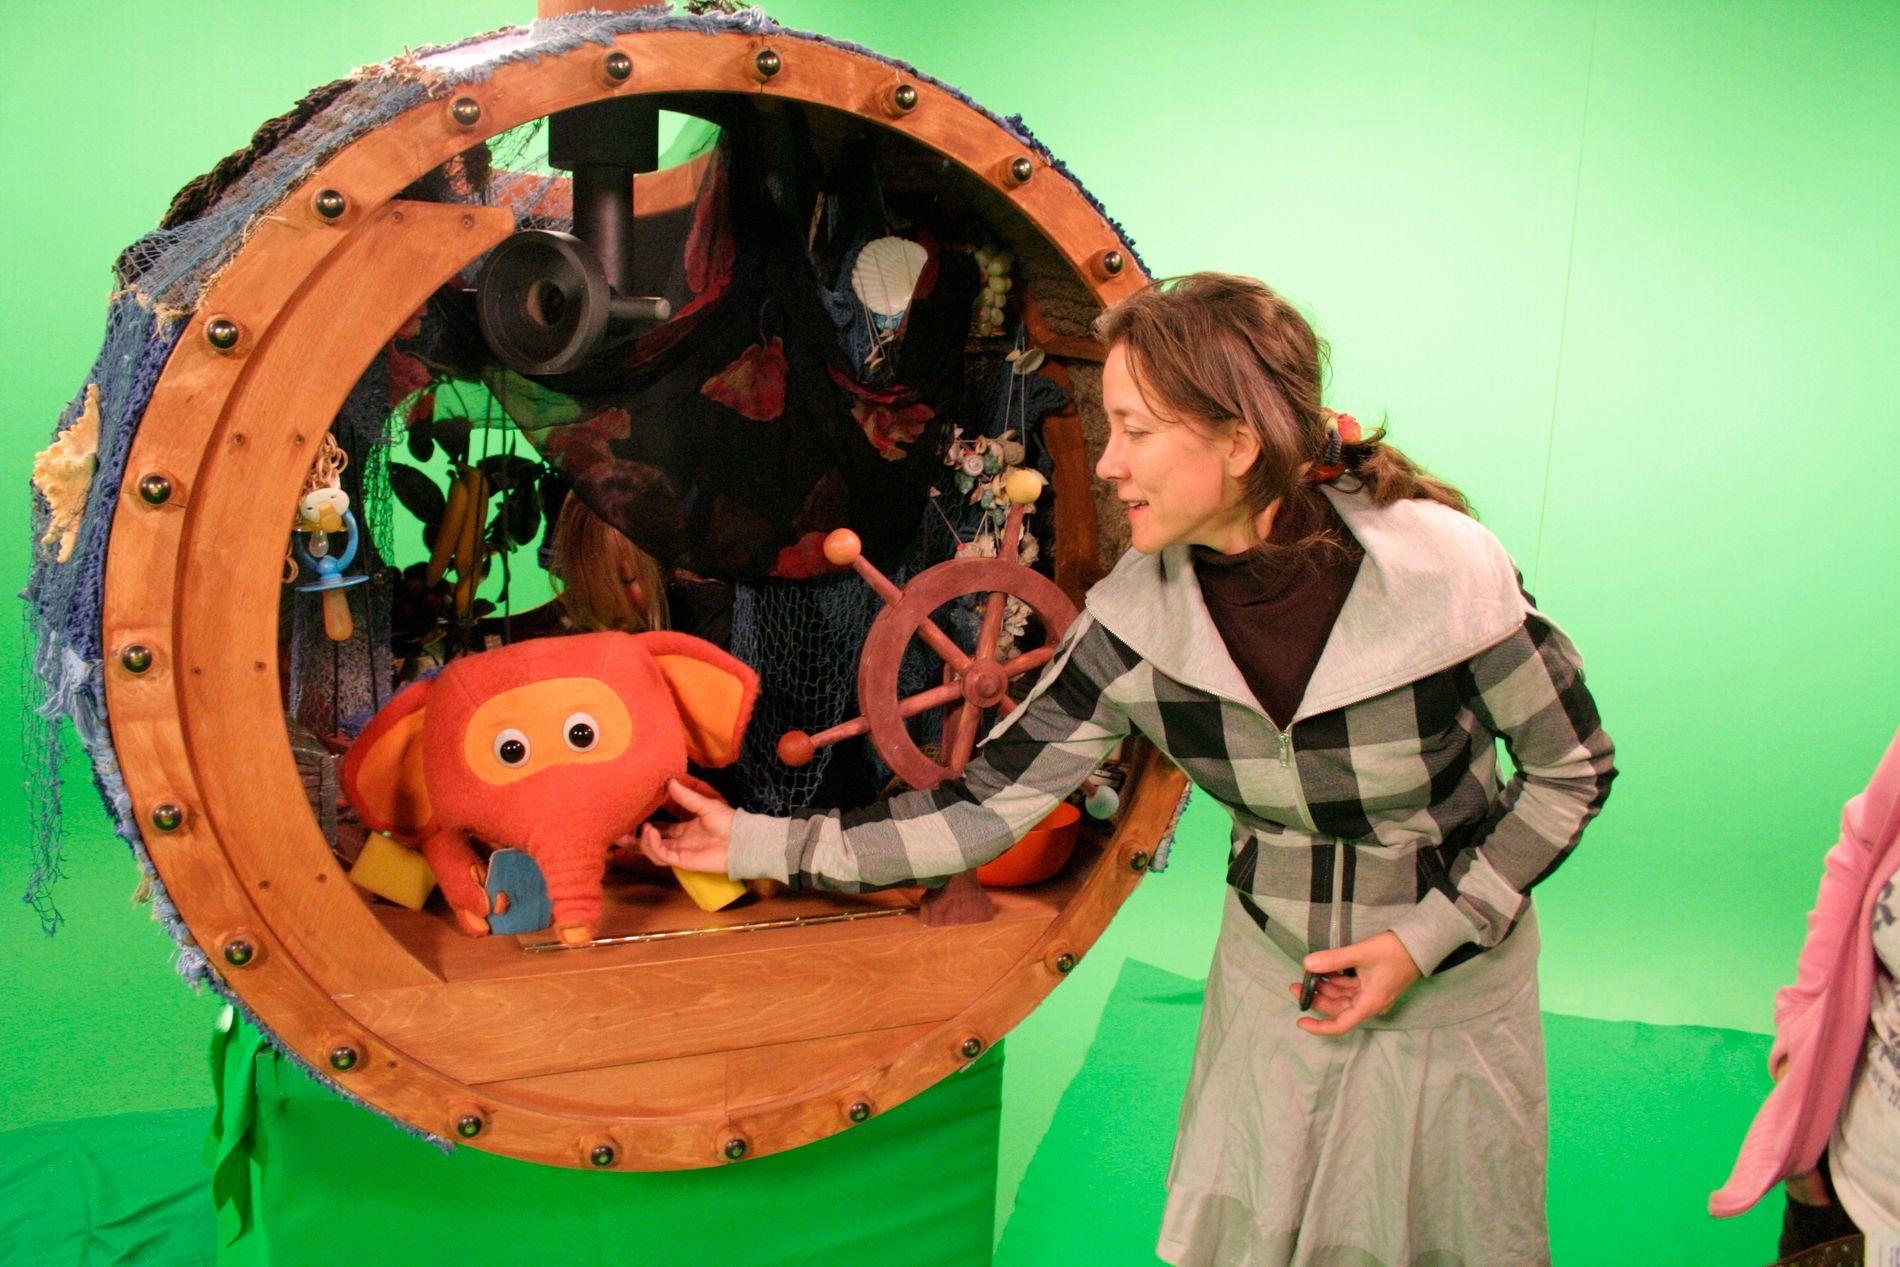 FERDIG DUKKE: Tiina Suhonen sammen med Fantorangen slik han endte opp som dukke.